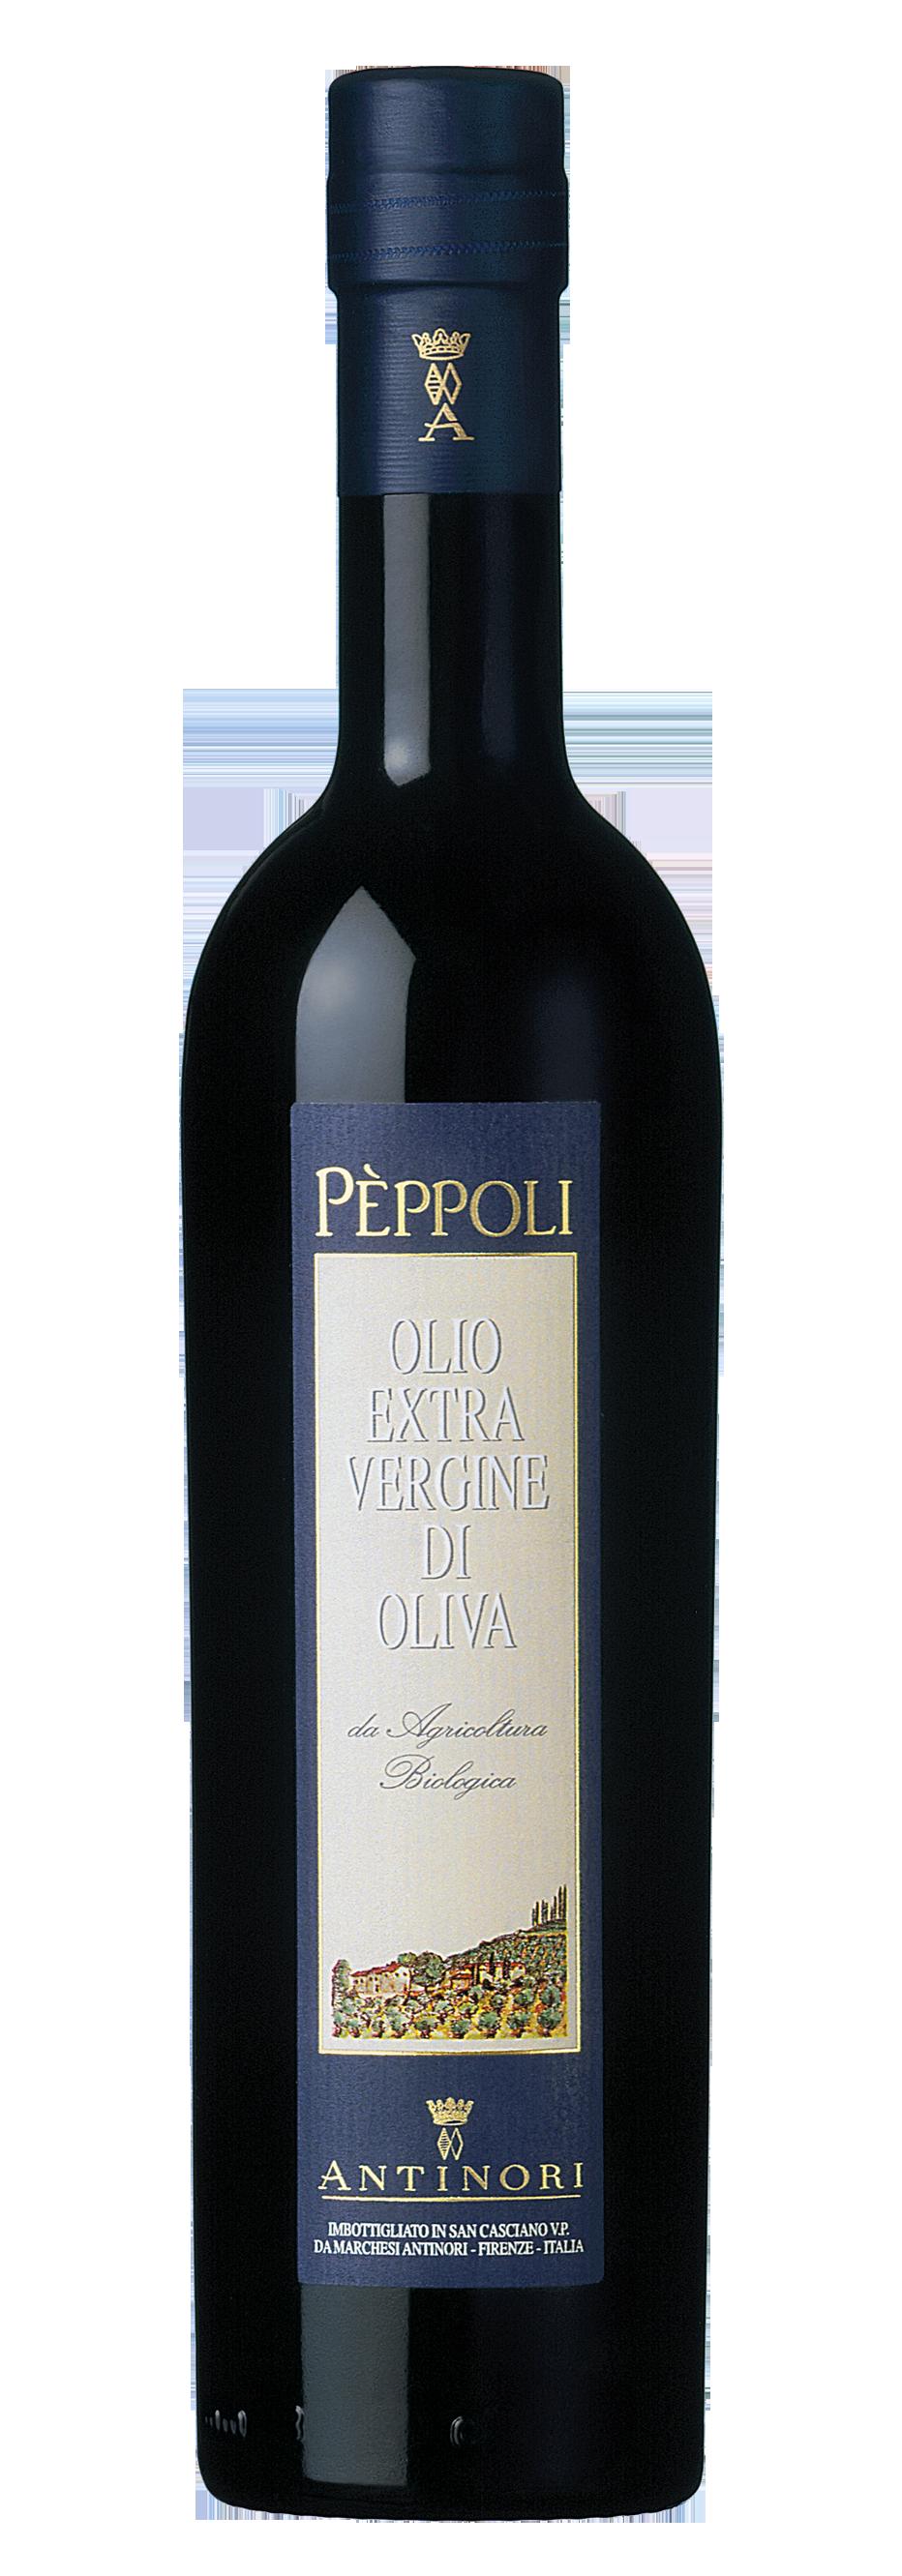 Olio Pèppoli 2018